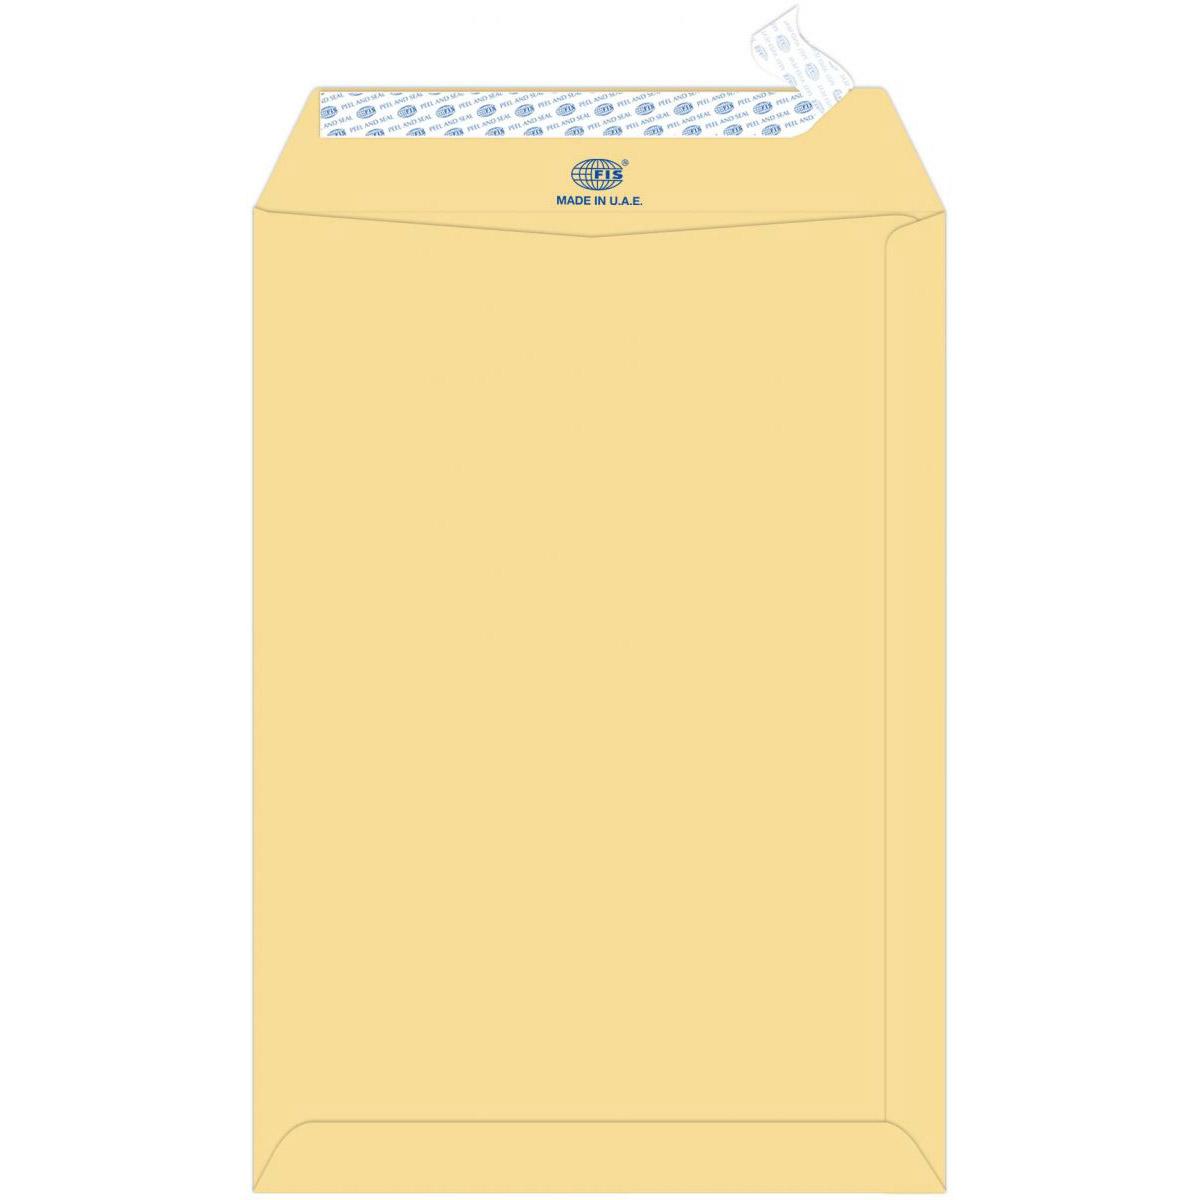 FIS A4 13 x 9 in Envelope FSME9027P50 - Brown (pkt/50pcs)